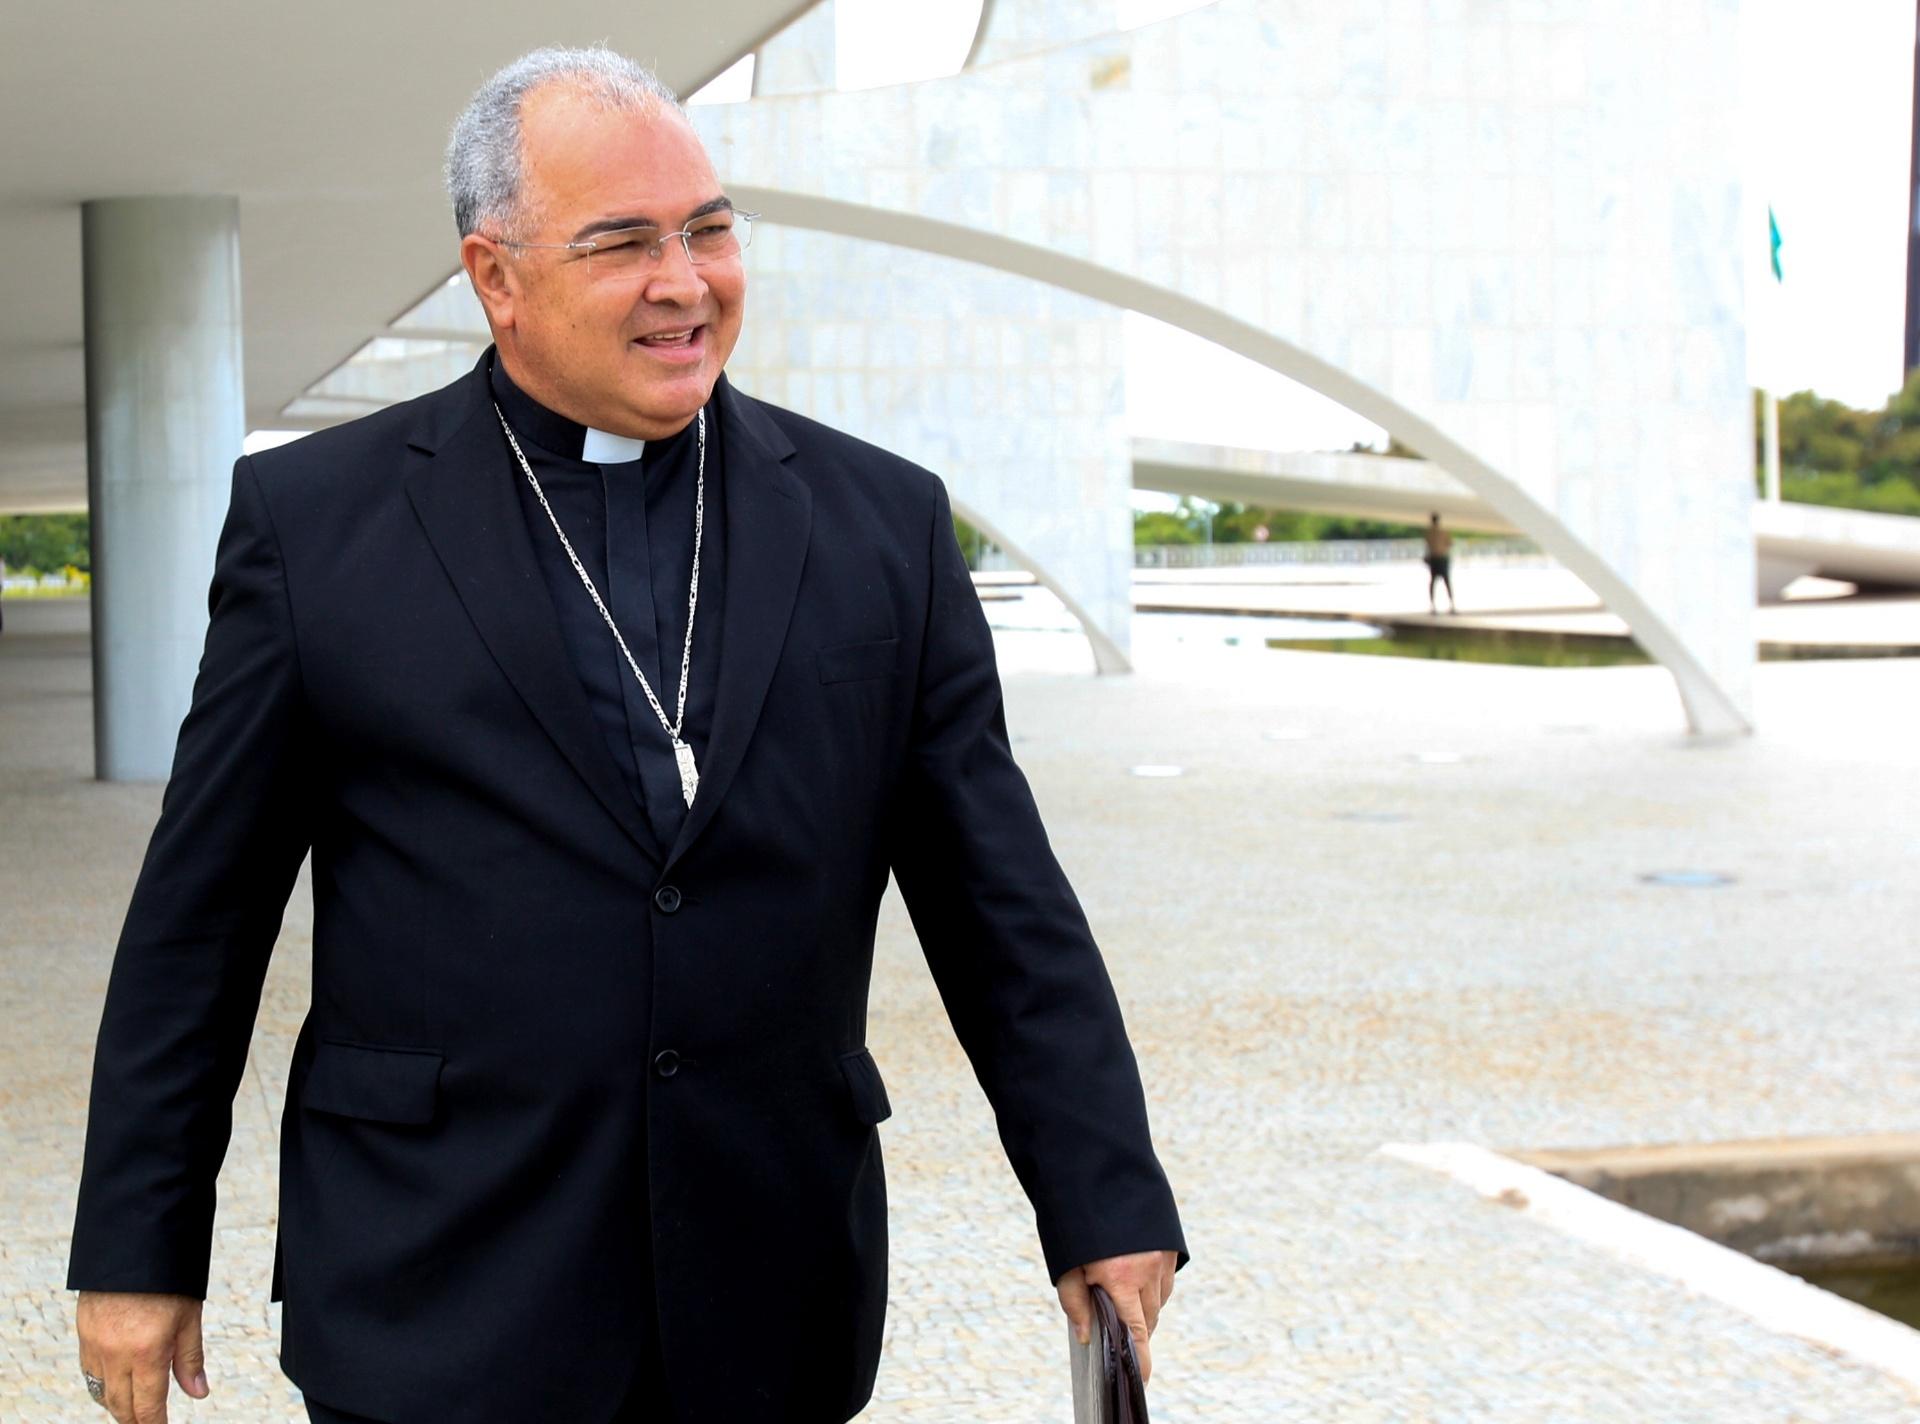 22.01.2014 - O Arcebispo do Rio de Janeiro, Dom Orani João Tempesta, deixa o Palácio do Planalto após encontro com a presidente Dilma Rousseff